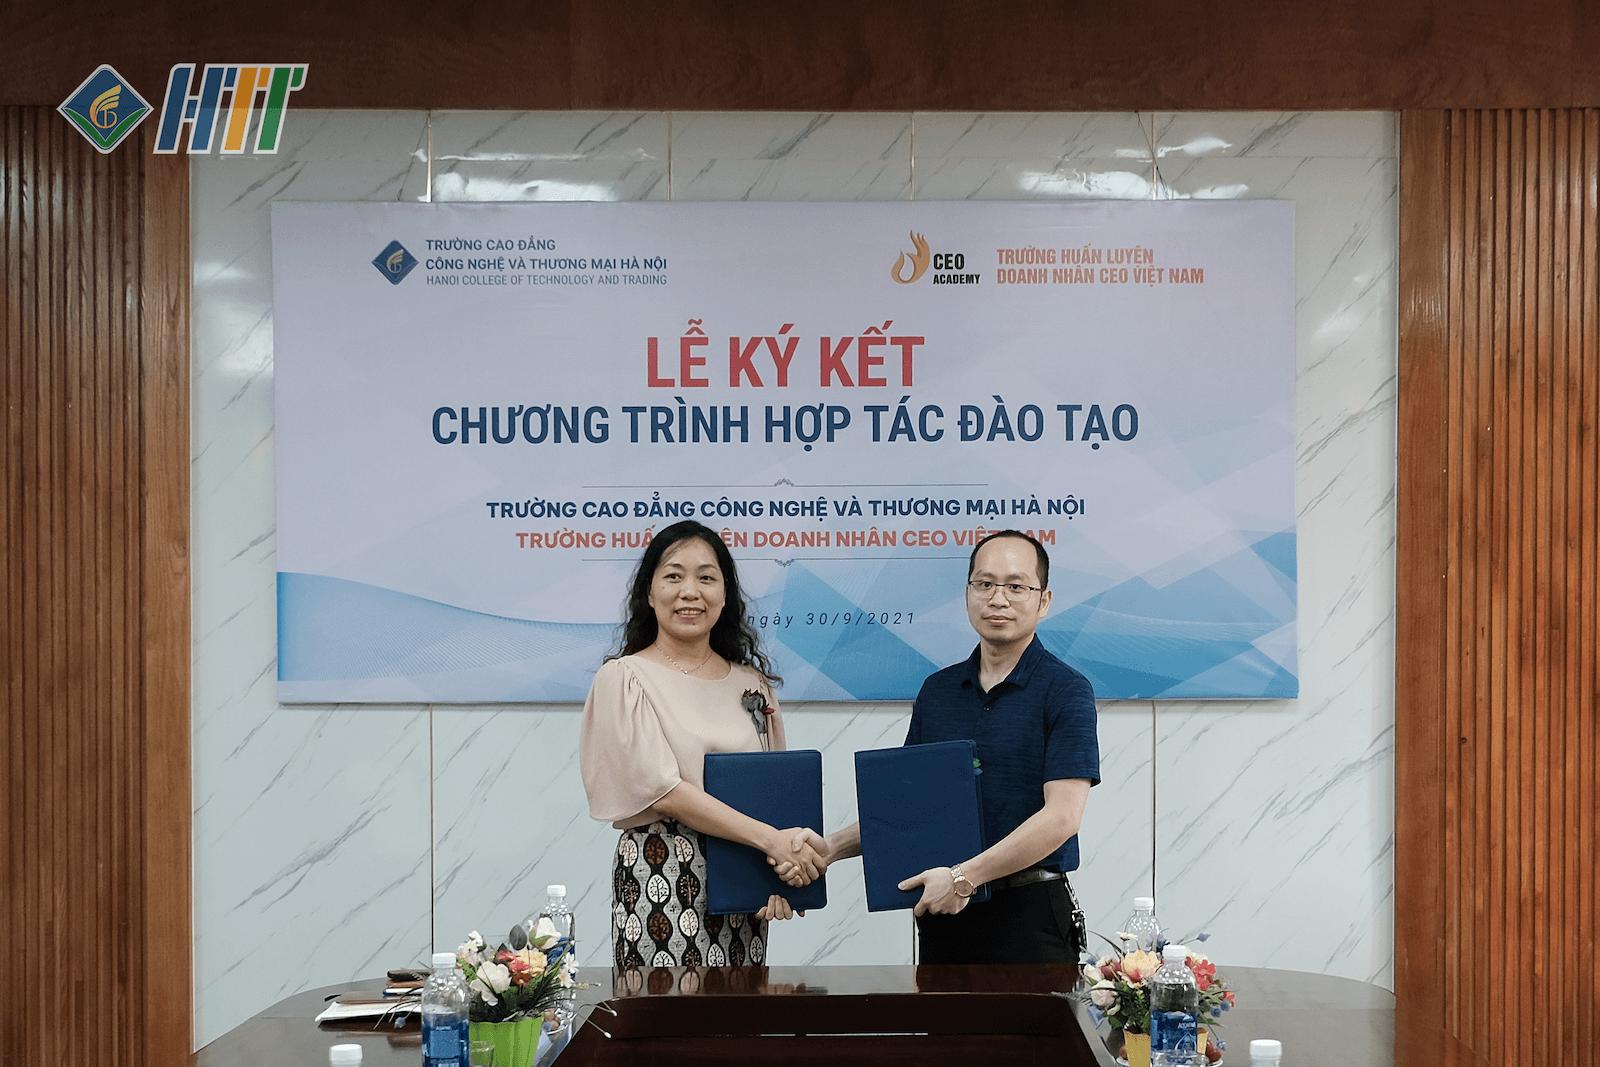 Lễ kí kết hợp tác đào tạo giữa HTT với Công ty cổ phần Trường Huấn luyện doanh nhân CEO Việt Nam